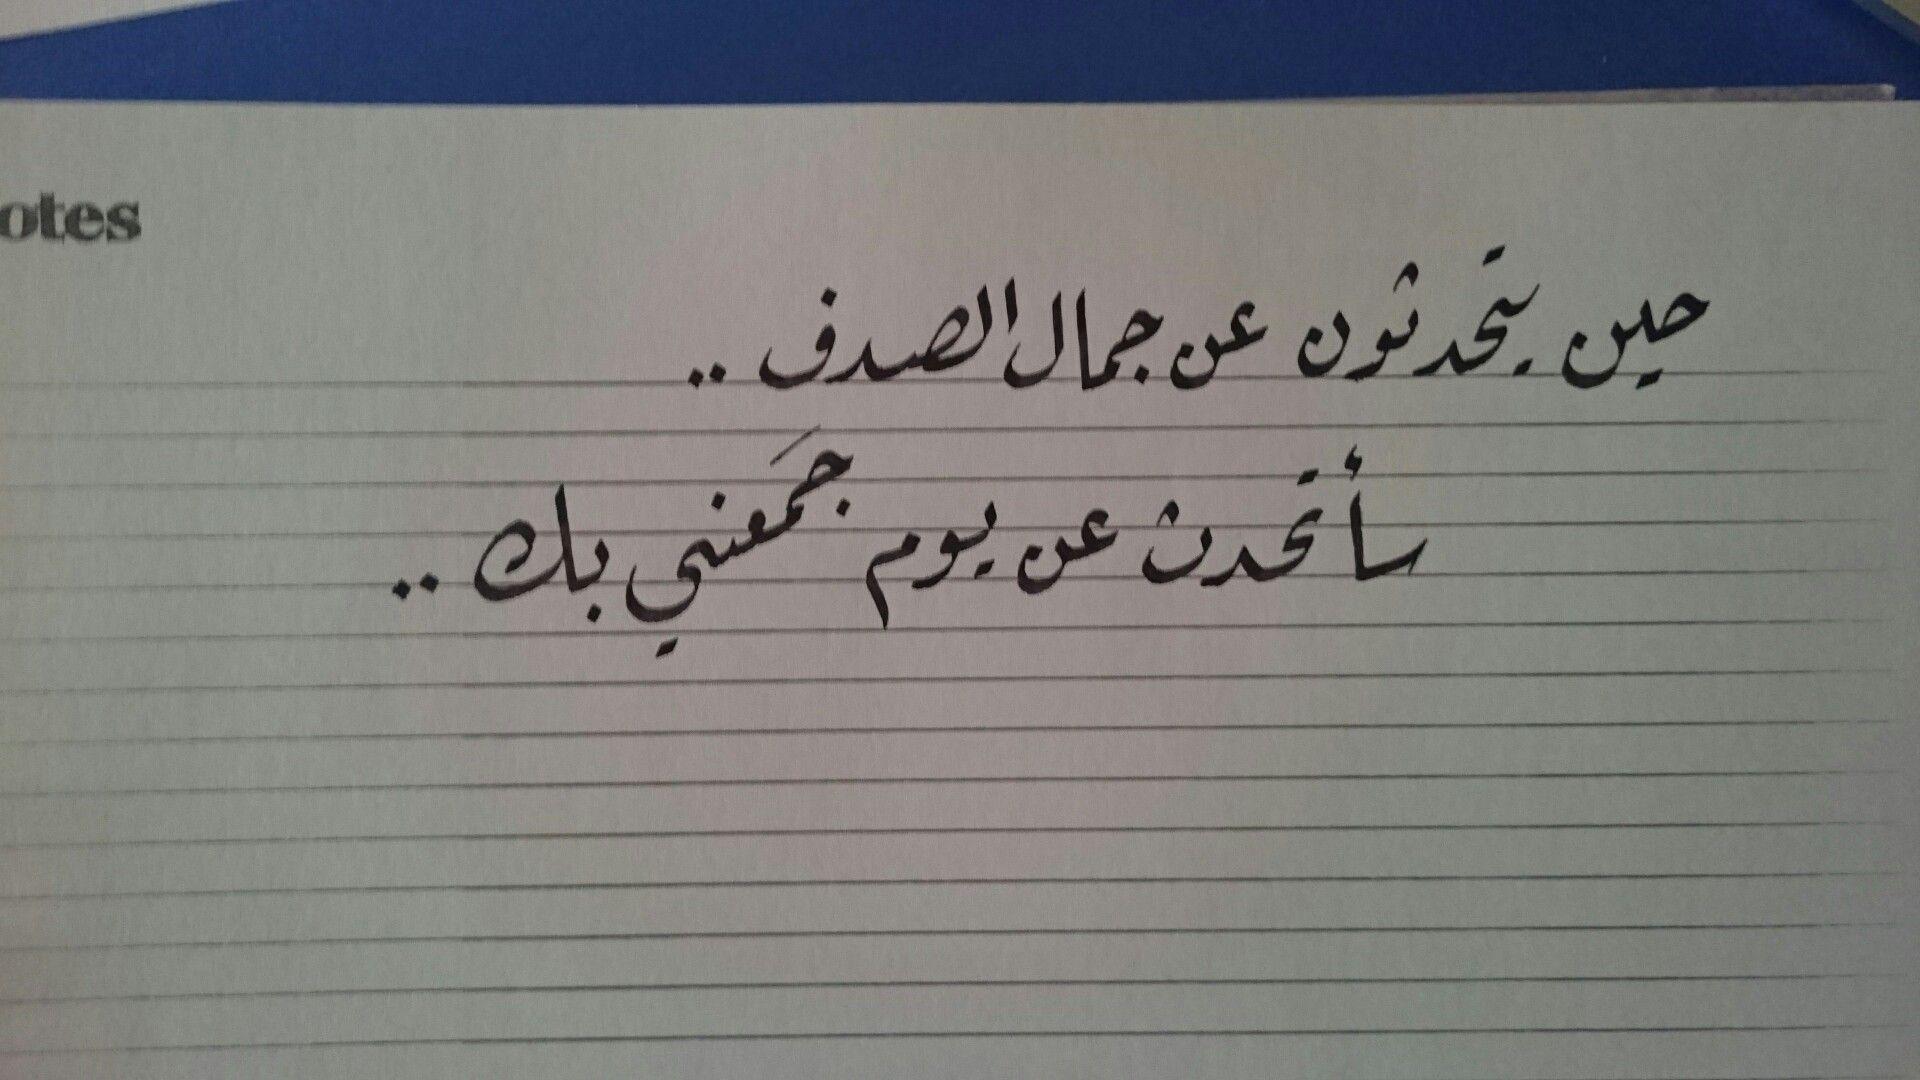 حين يتحدثون عن جمال الصدف Arabic Calligraphy Quotes